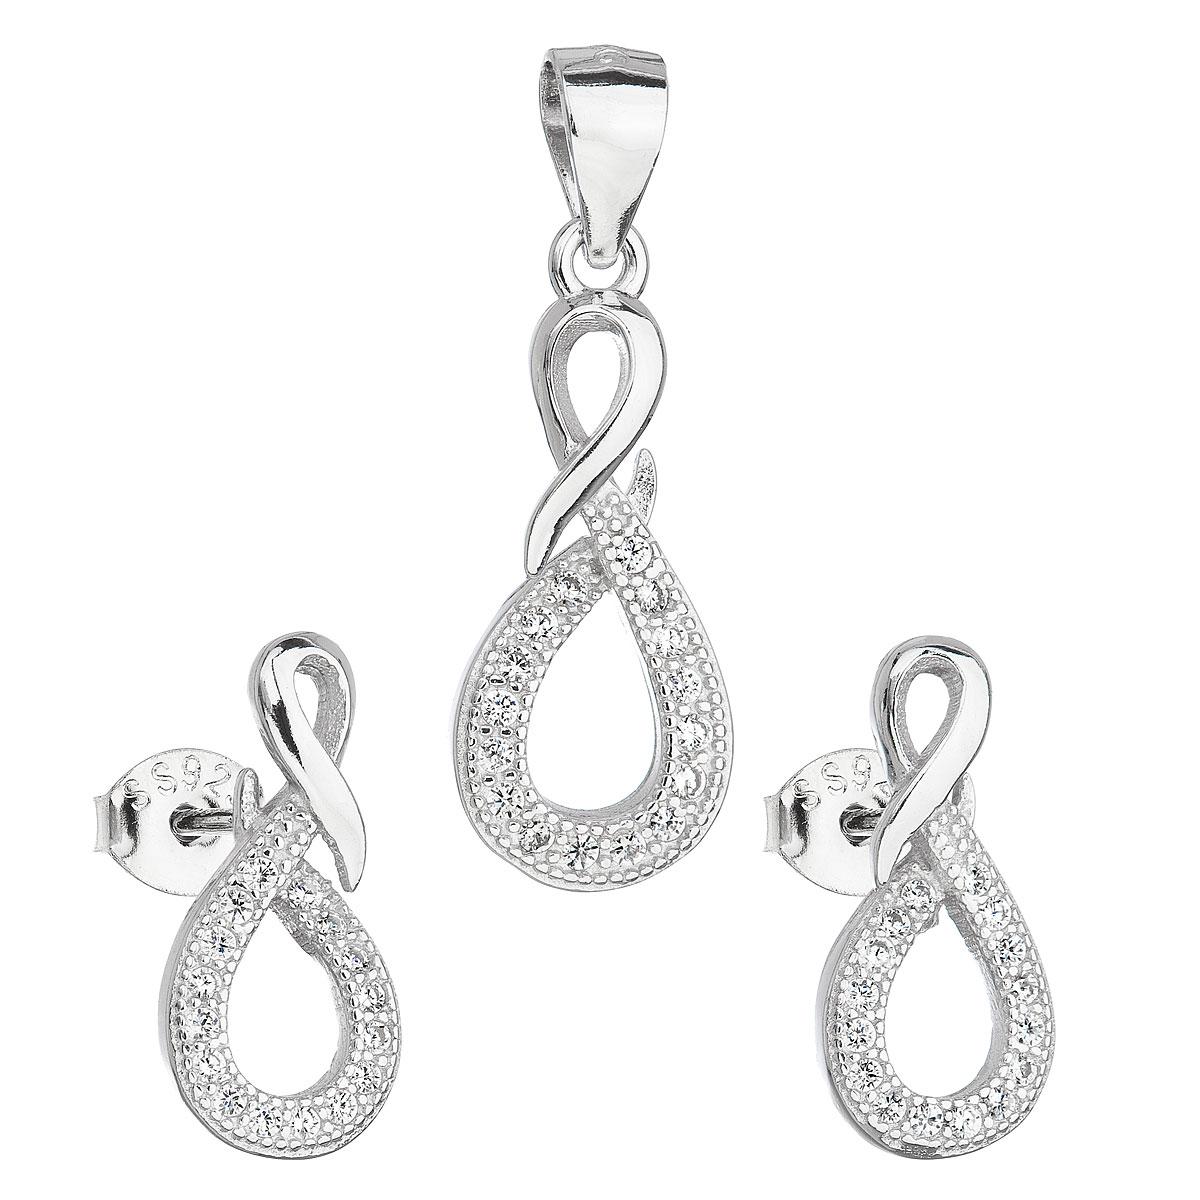 Evolution Group Sada šperků se zirkonem v bílé barvě náušnice a přívěsek 19012.1